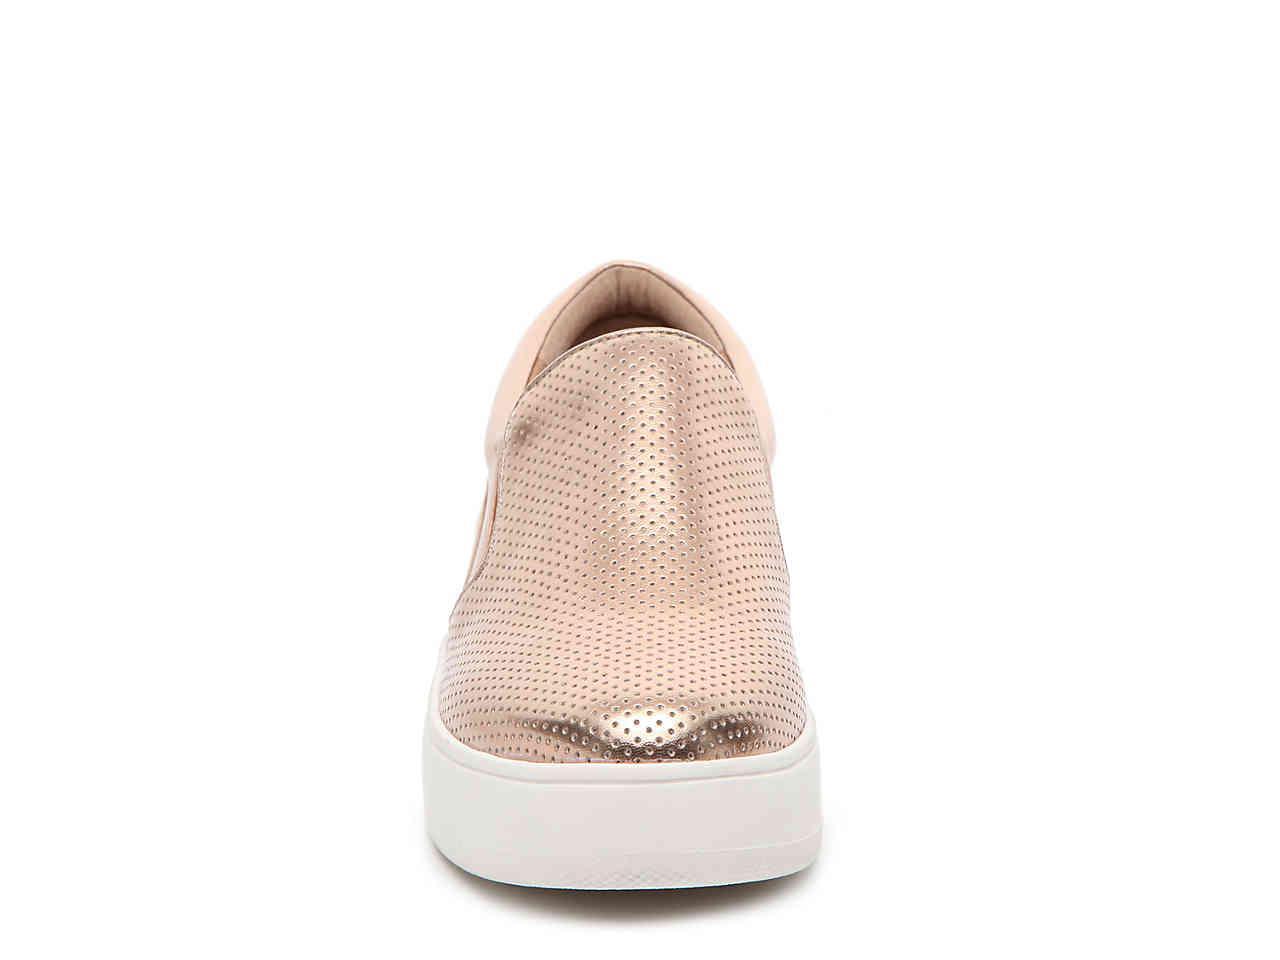 947555c742c Lyst - Steve Madden Genette Platform Slip-on Sneaker in Pink